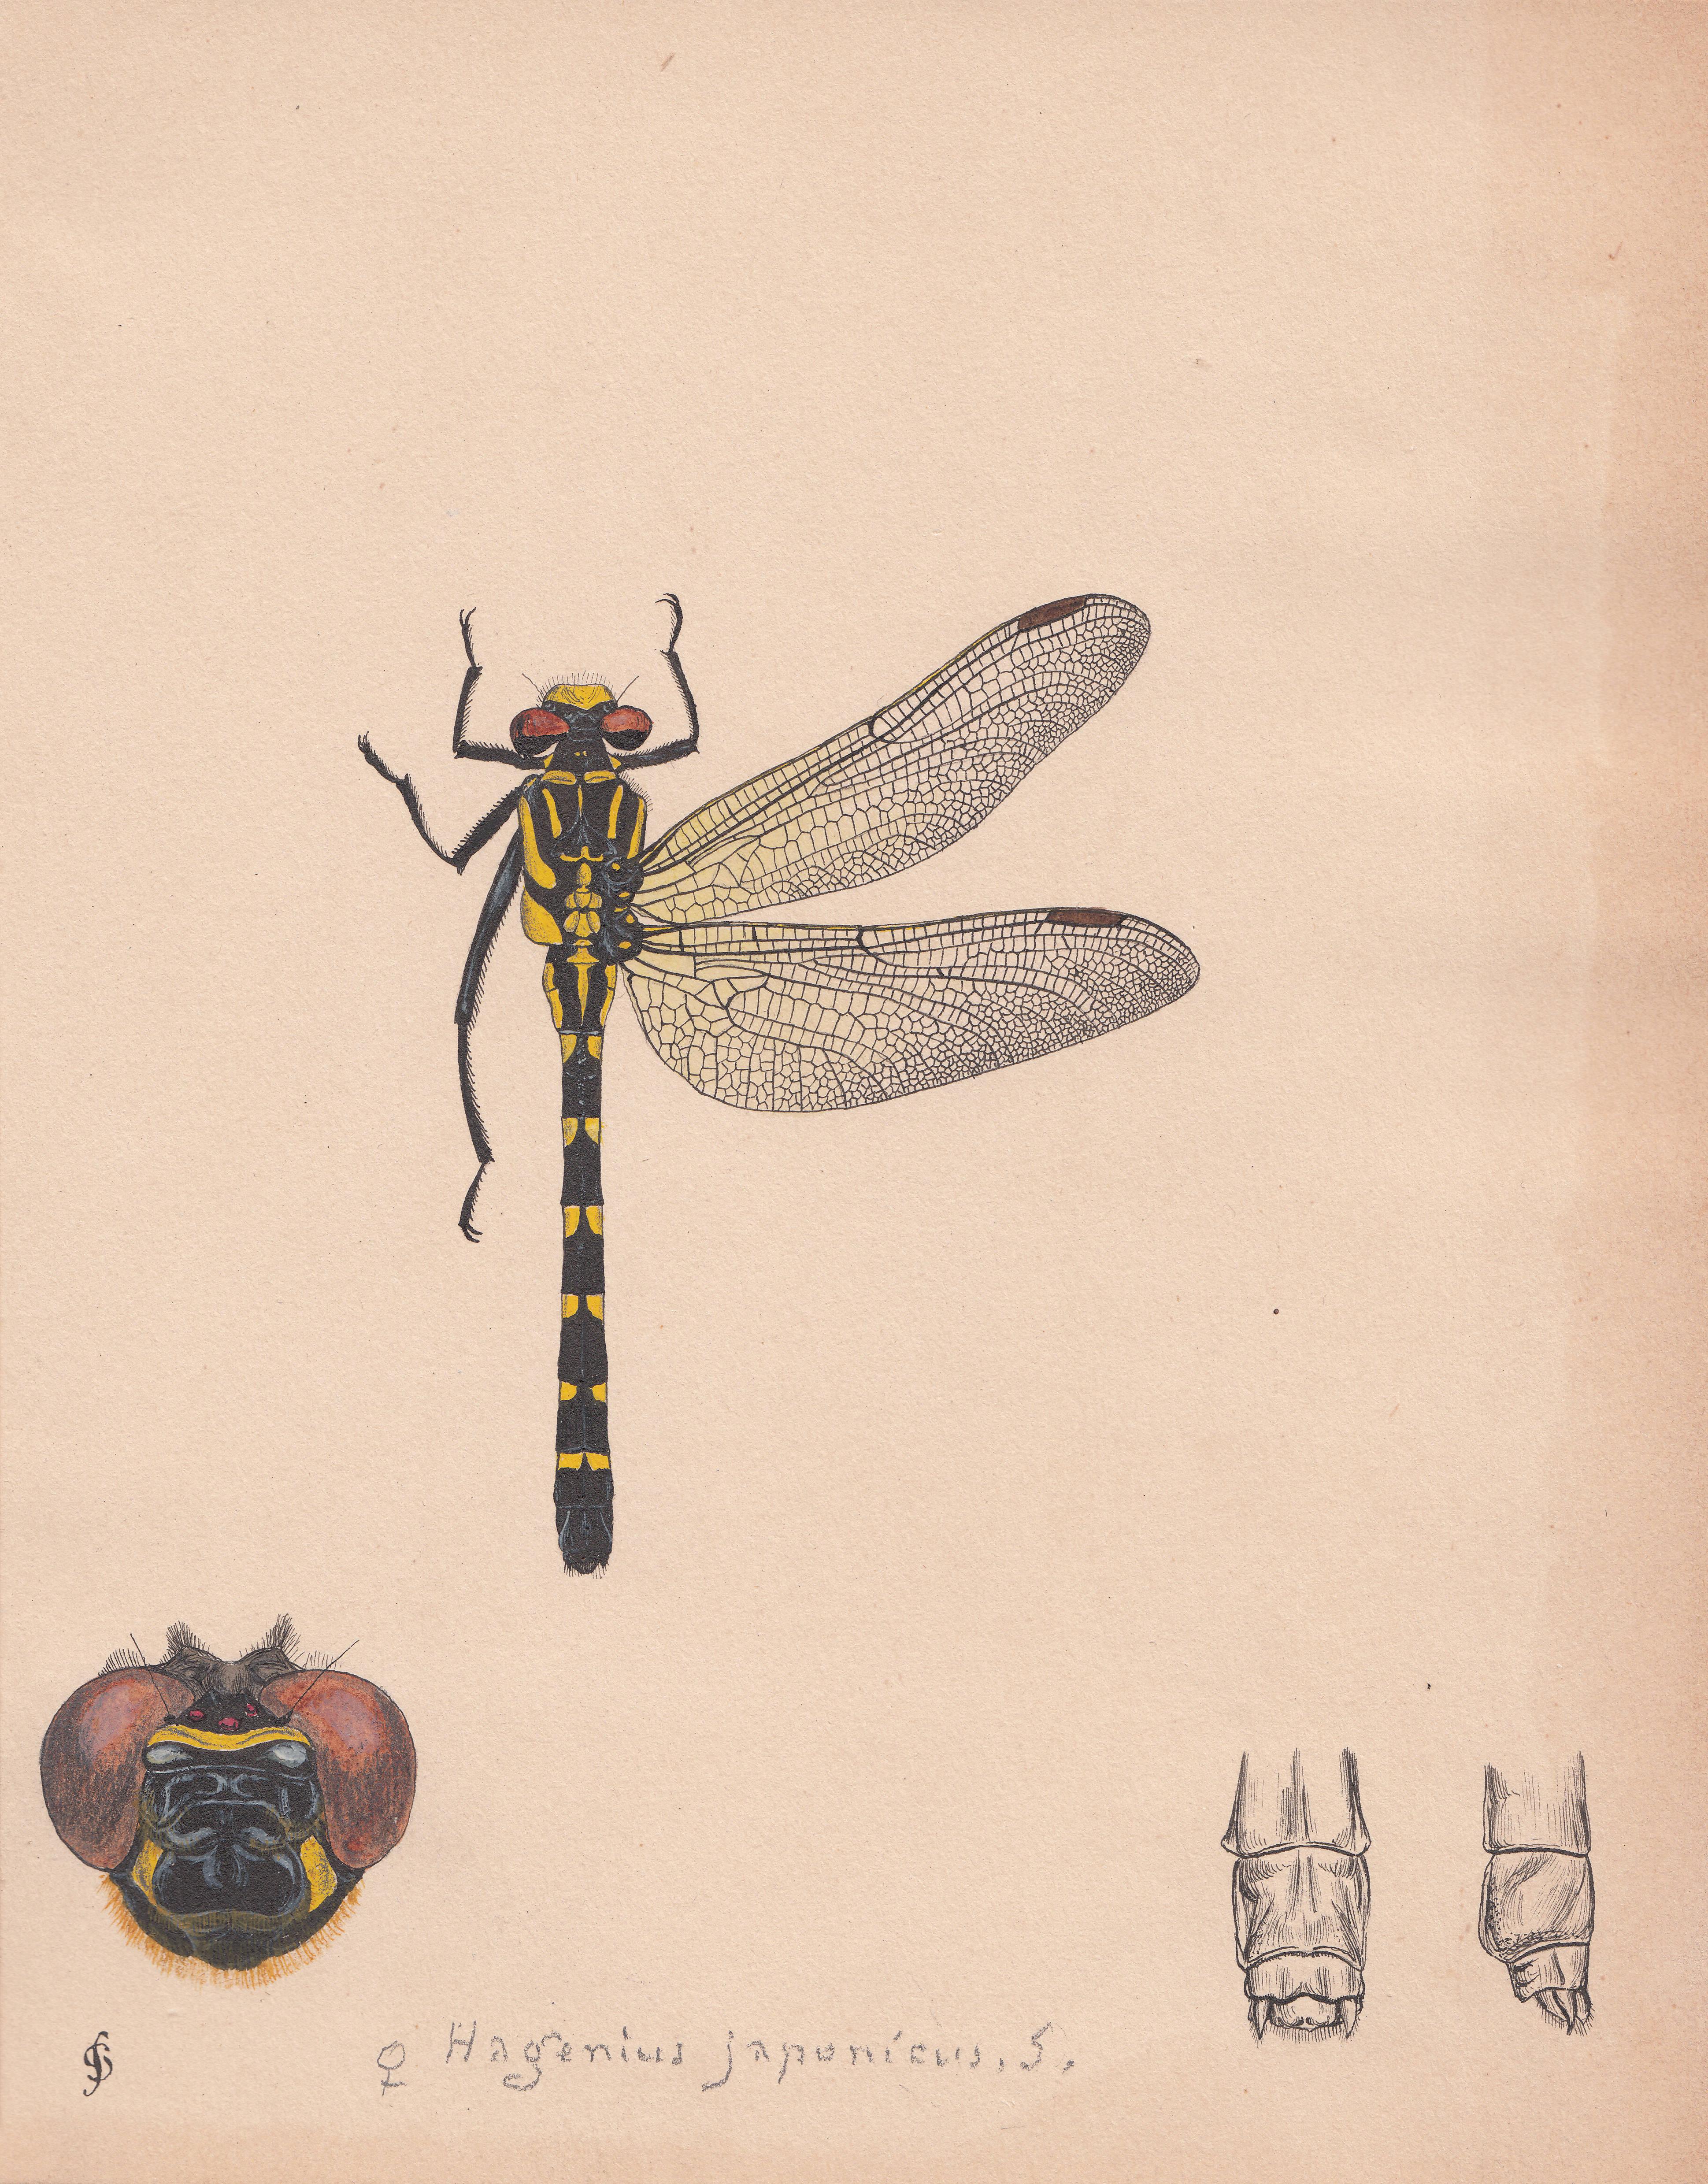 Hagenius japonicus.jpg